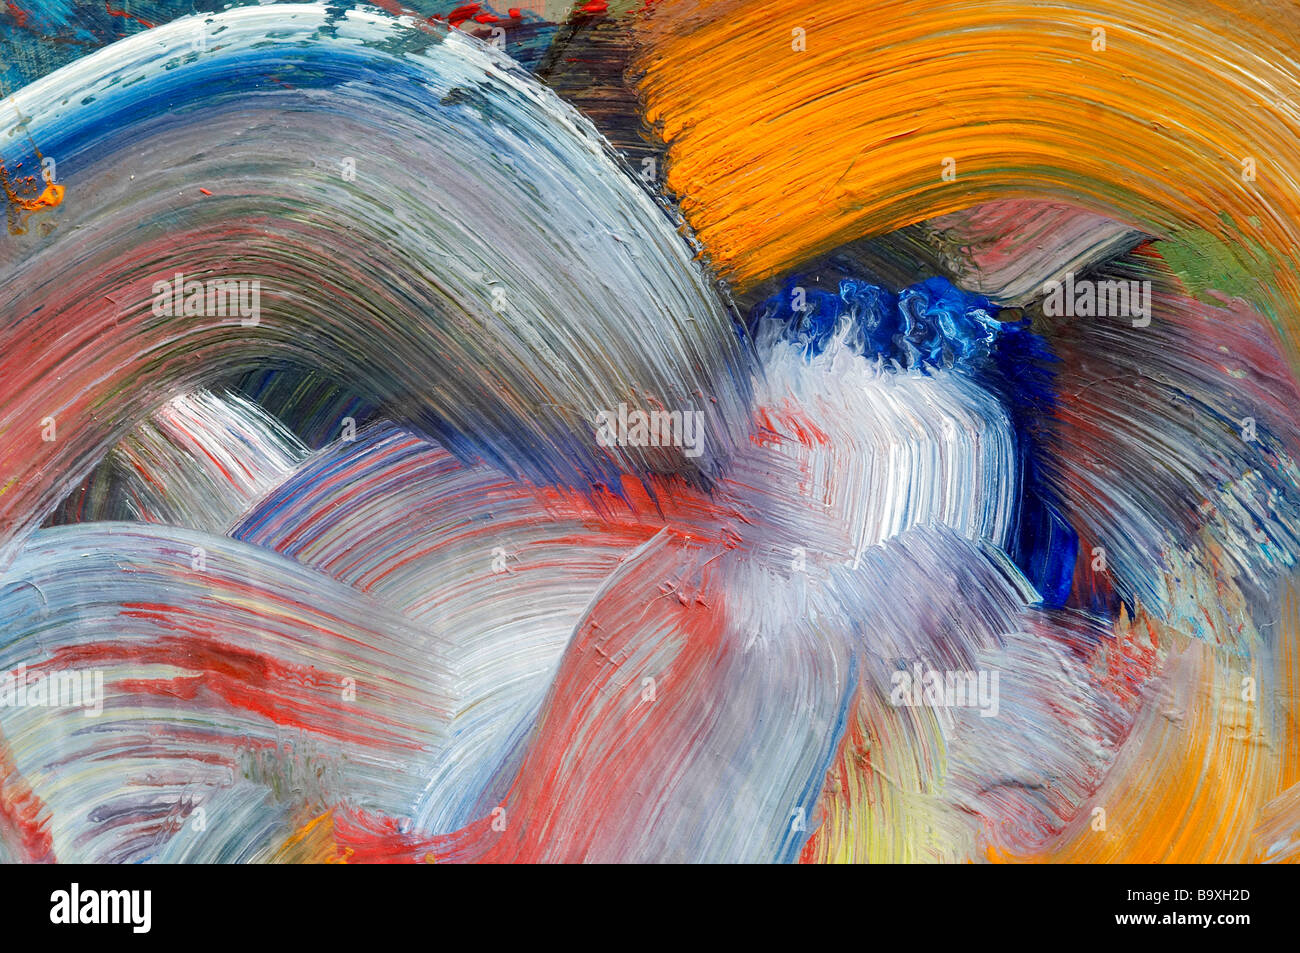 Extreme Nahaufnahme von Pinsel Striche - Farben laufen - Handwerk Stockfoto